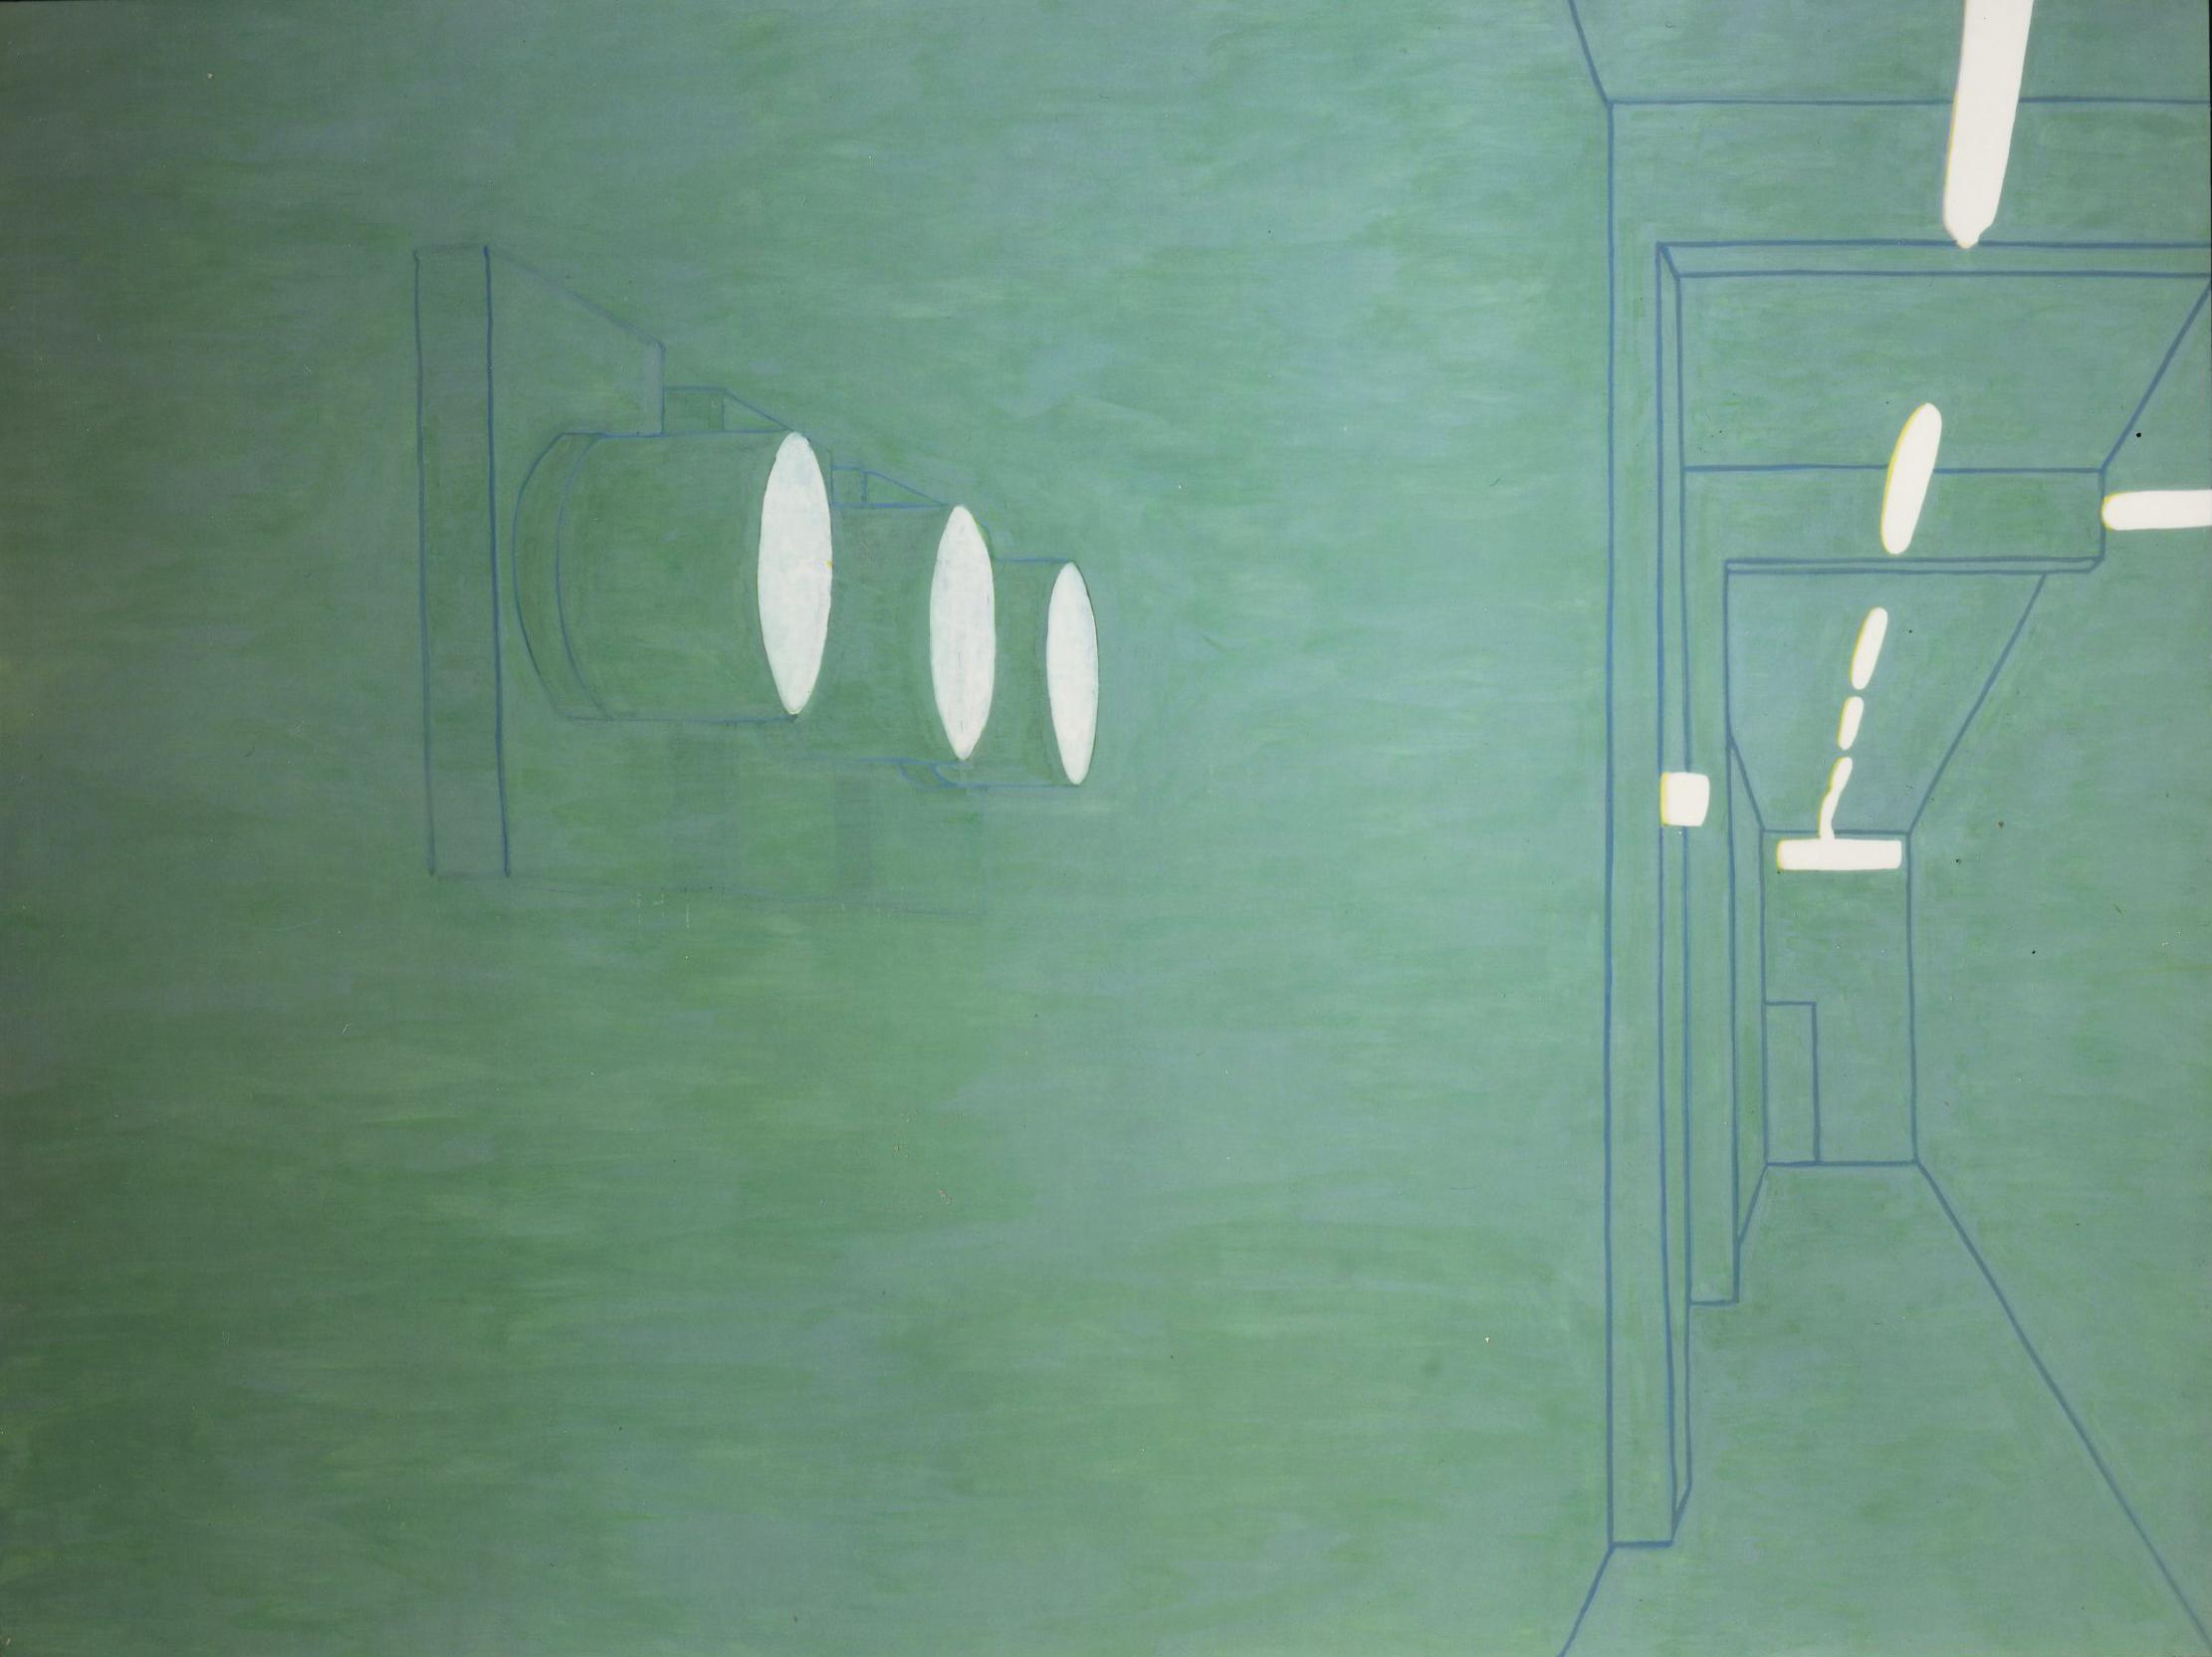 Luca Pancrazzi, Interno di Paesaggio, 2000, oil on canvas, 150×200 cm